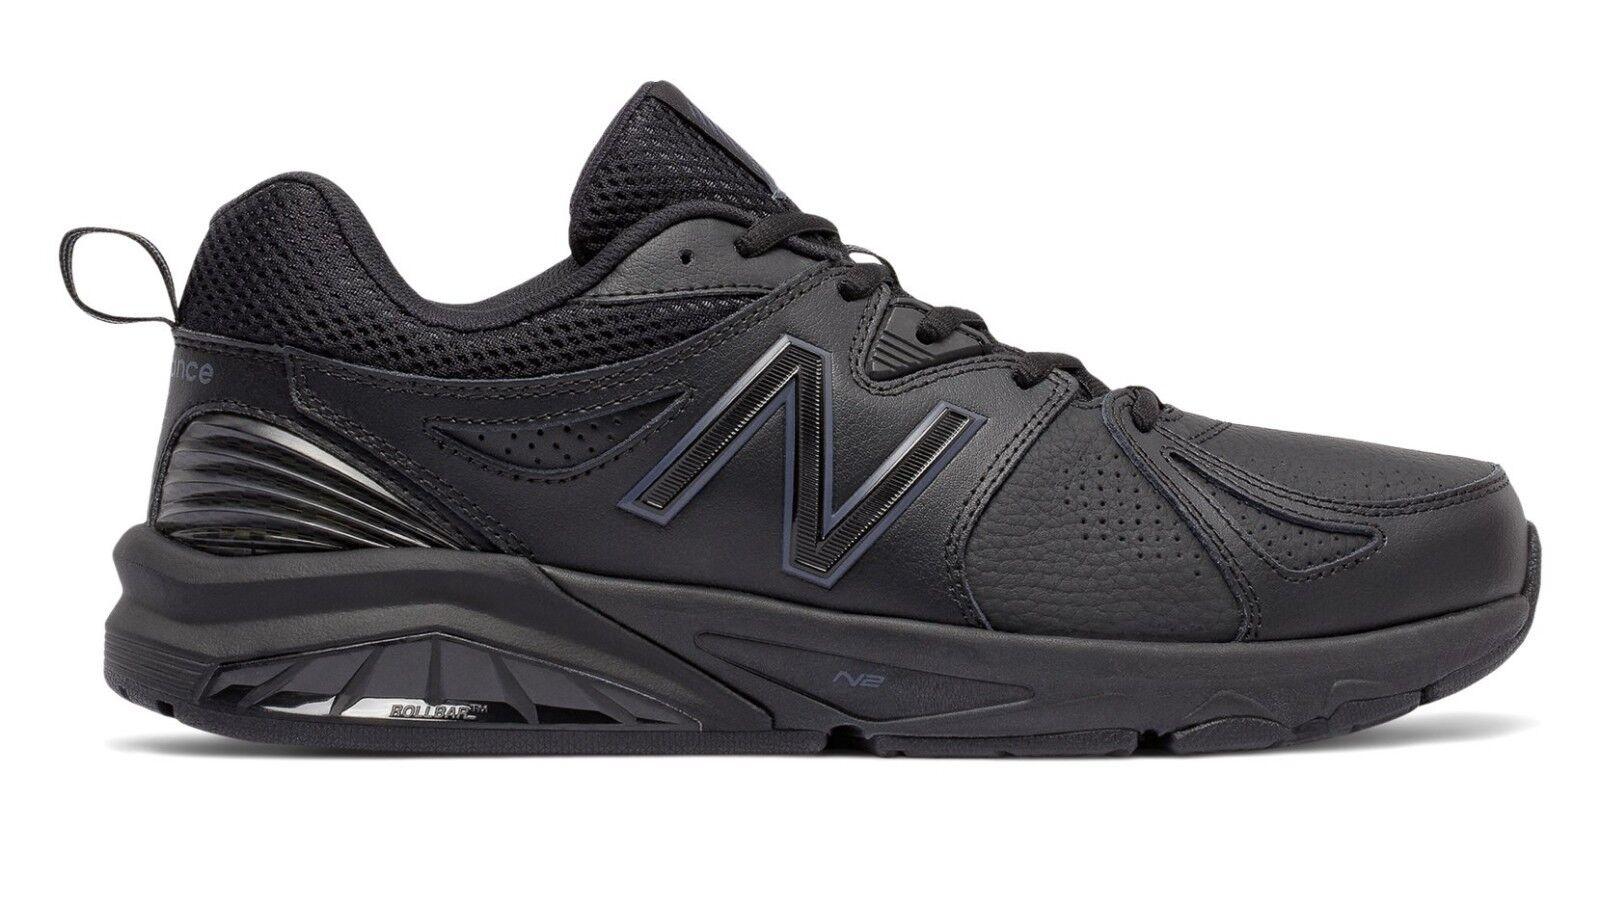 New Balance MX857AB2 Uomo 857v2 nero nero nero Leather Trainer Everyday Training scarpe 281830